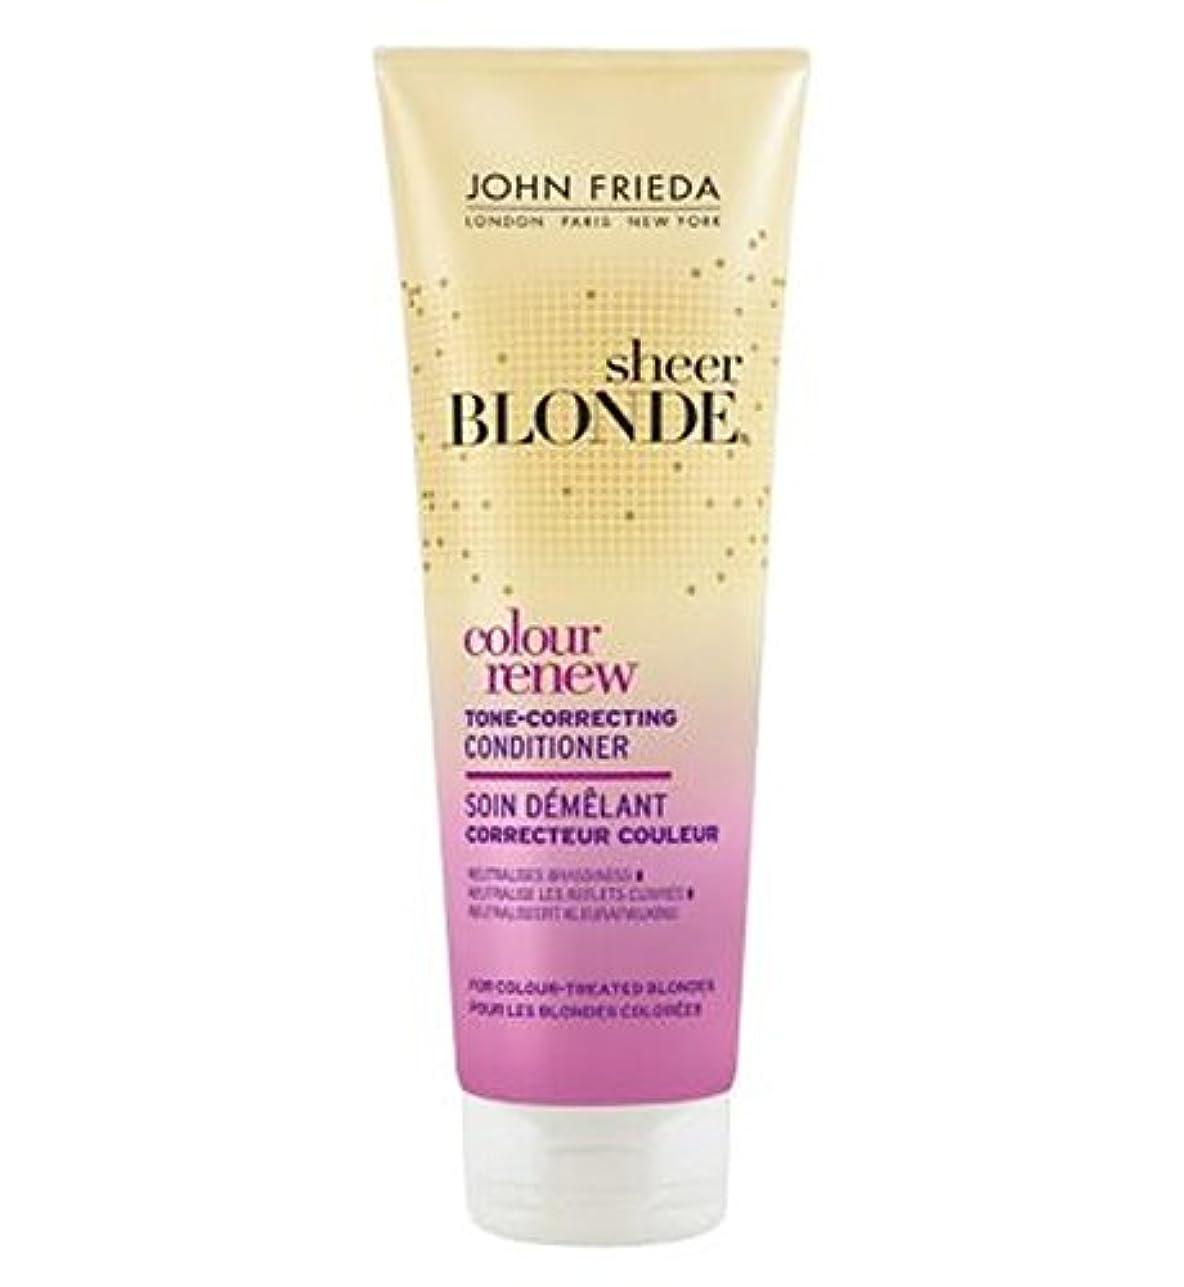 練習辞書実現可能性John Frieda Sheer Blonde Colour Renew Tone Correcting Conditioner 250ml - ジョン?フリーダ薄手のブロンド色は色調補正コンディショナー250ミリリットルを更新します (John Frieda) [並行輸入品]